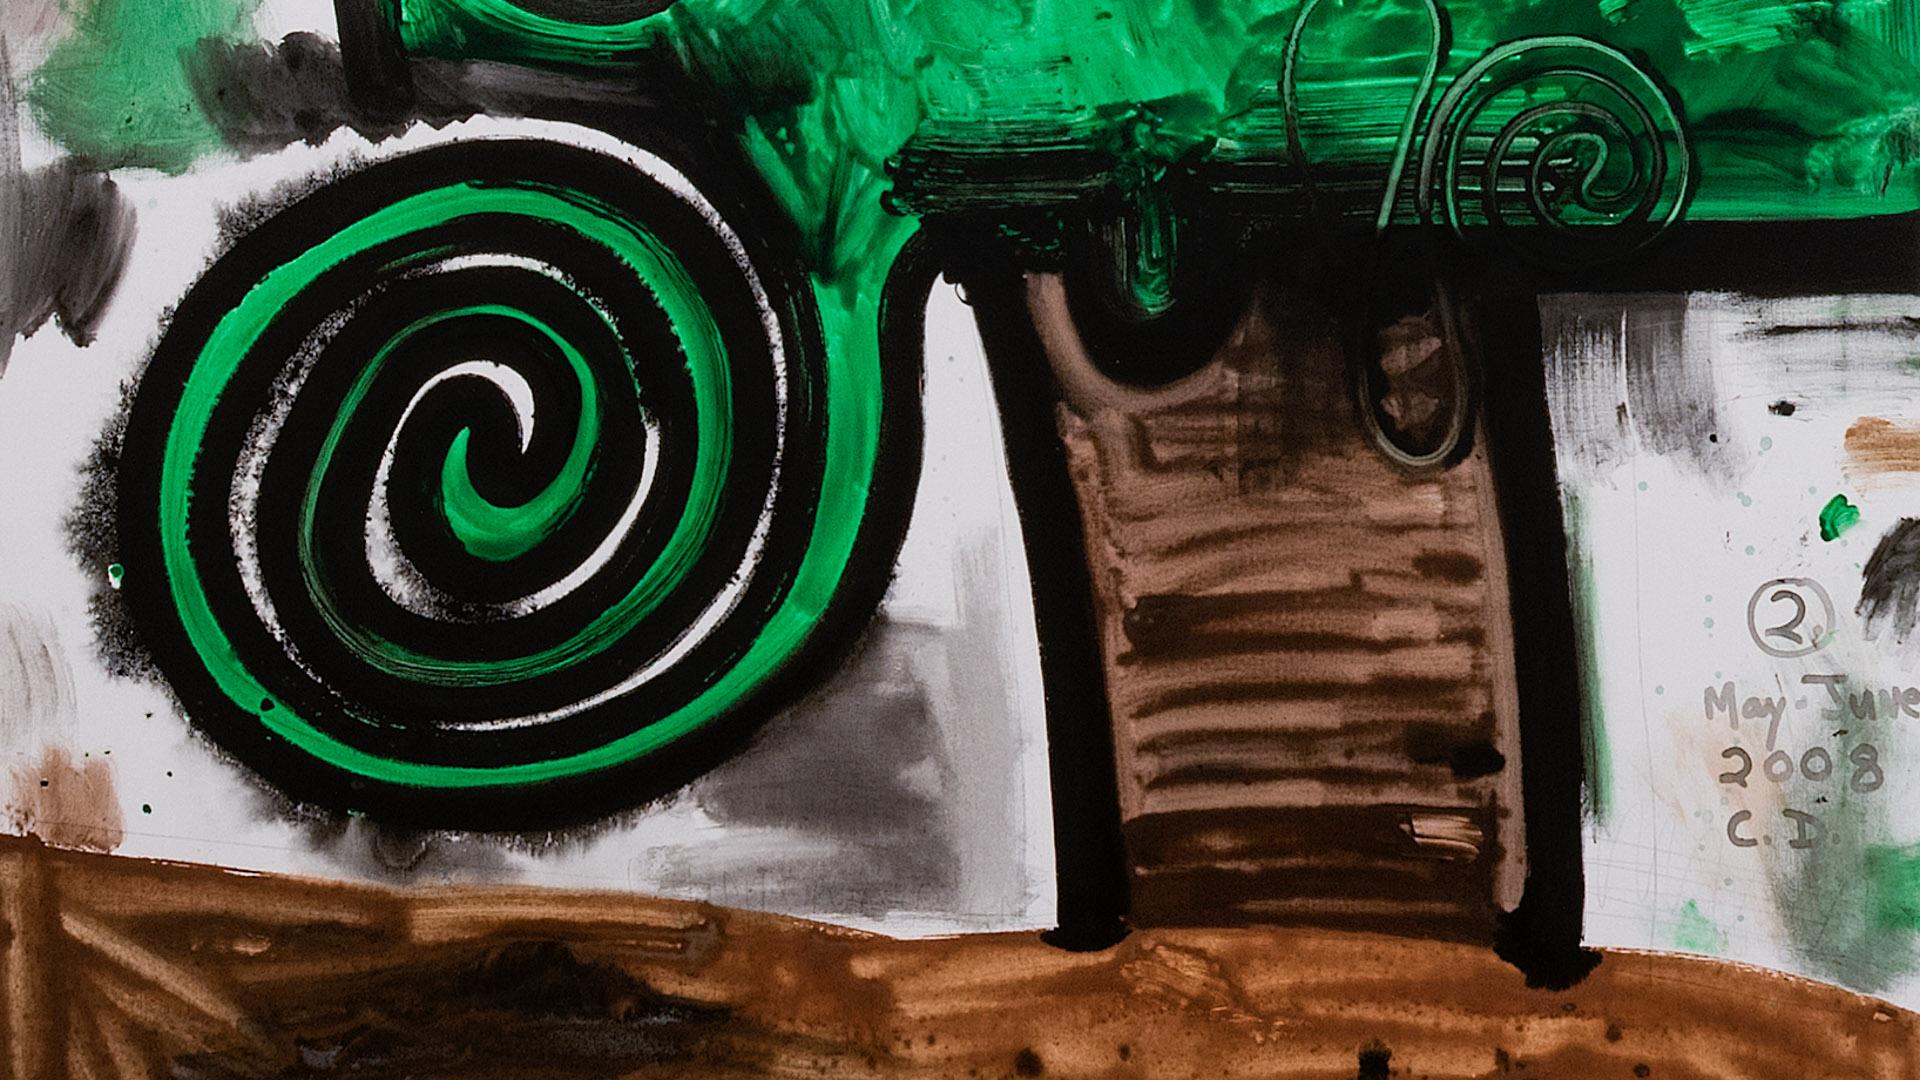 Obra Garden 2 (2008), de Carroll Dunham. Acervo de arte contemporânea do Inhotim